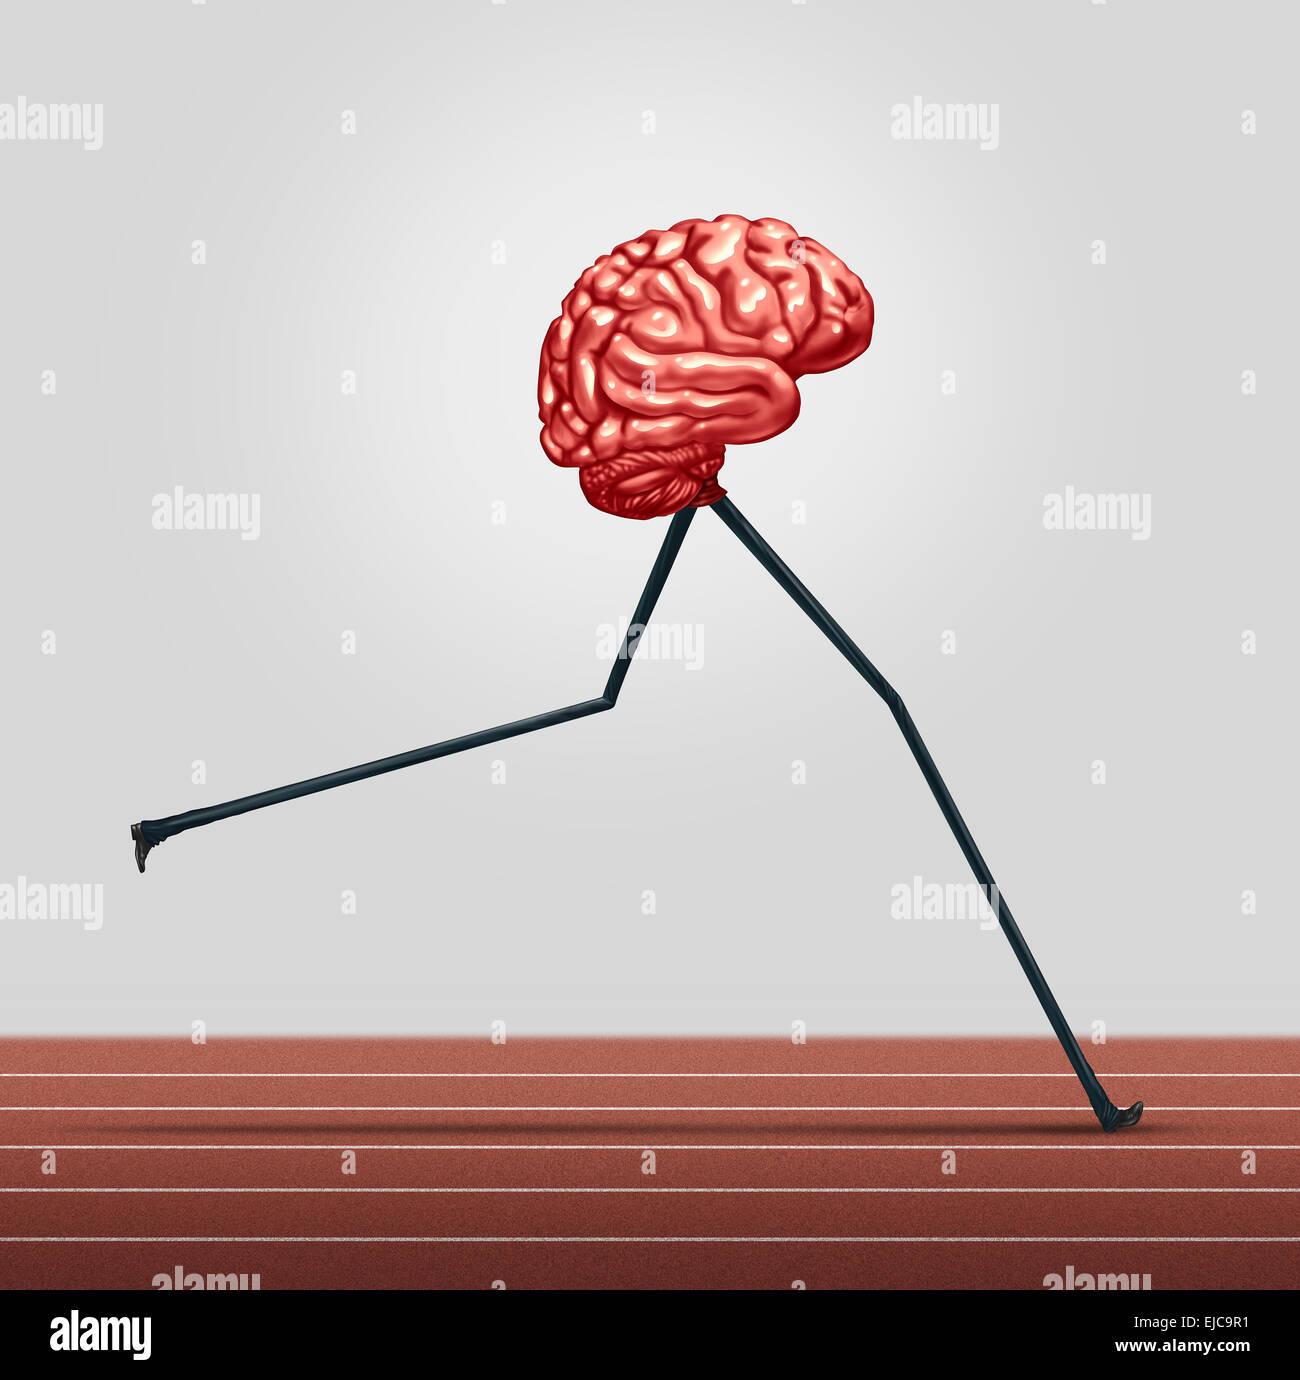 Fast cervello e memoria il concetto di formazione come un pensiero umano organo con gambe in esecuzione su una traccia Immagini Stock